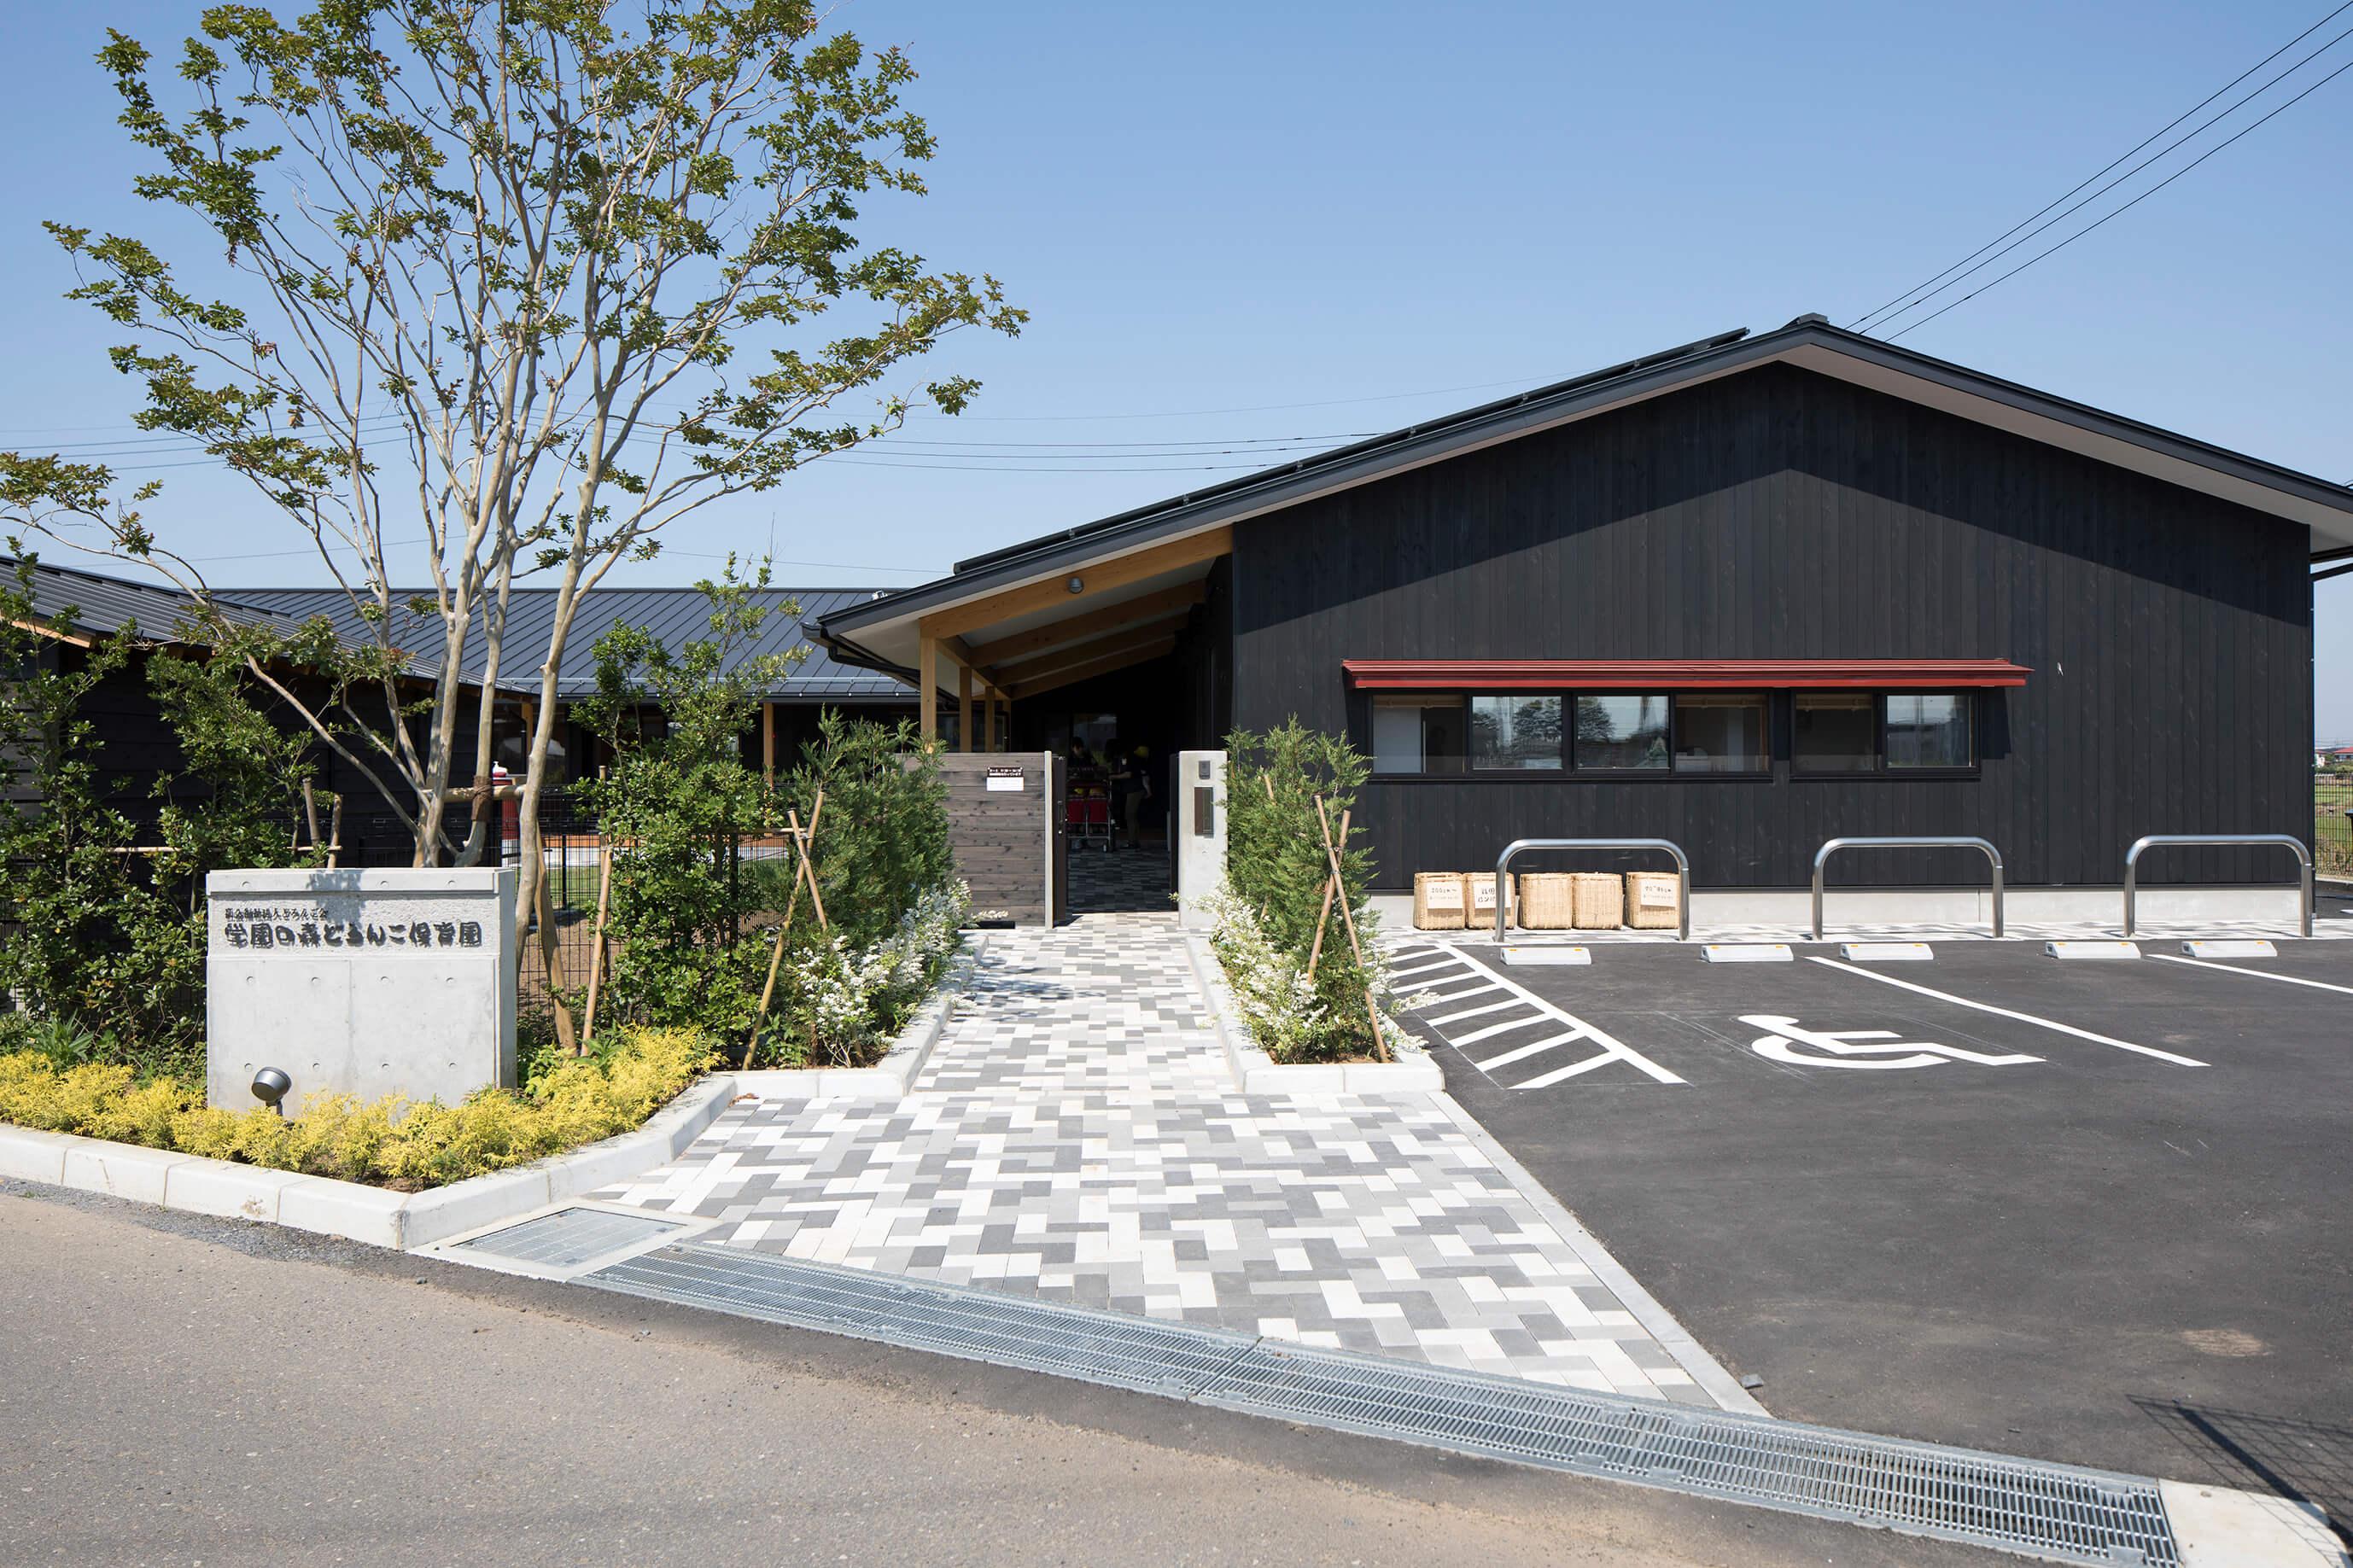 茨城県で働きたい新卒保育士向け園見学&採用説明会【先着5名限定】